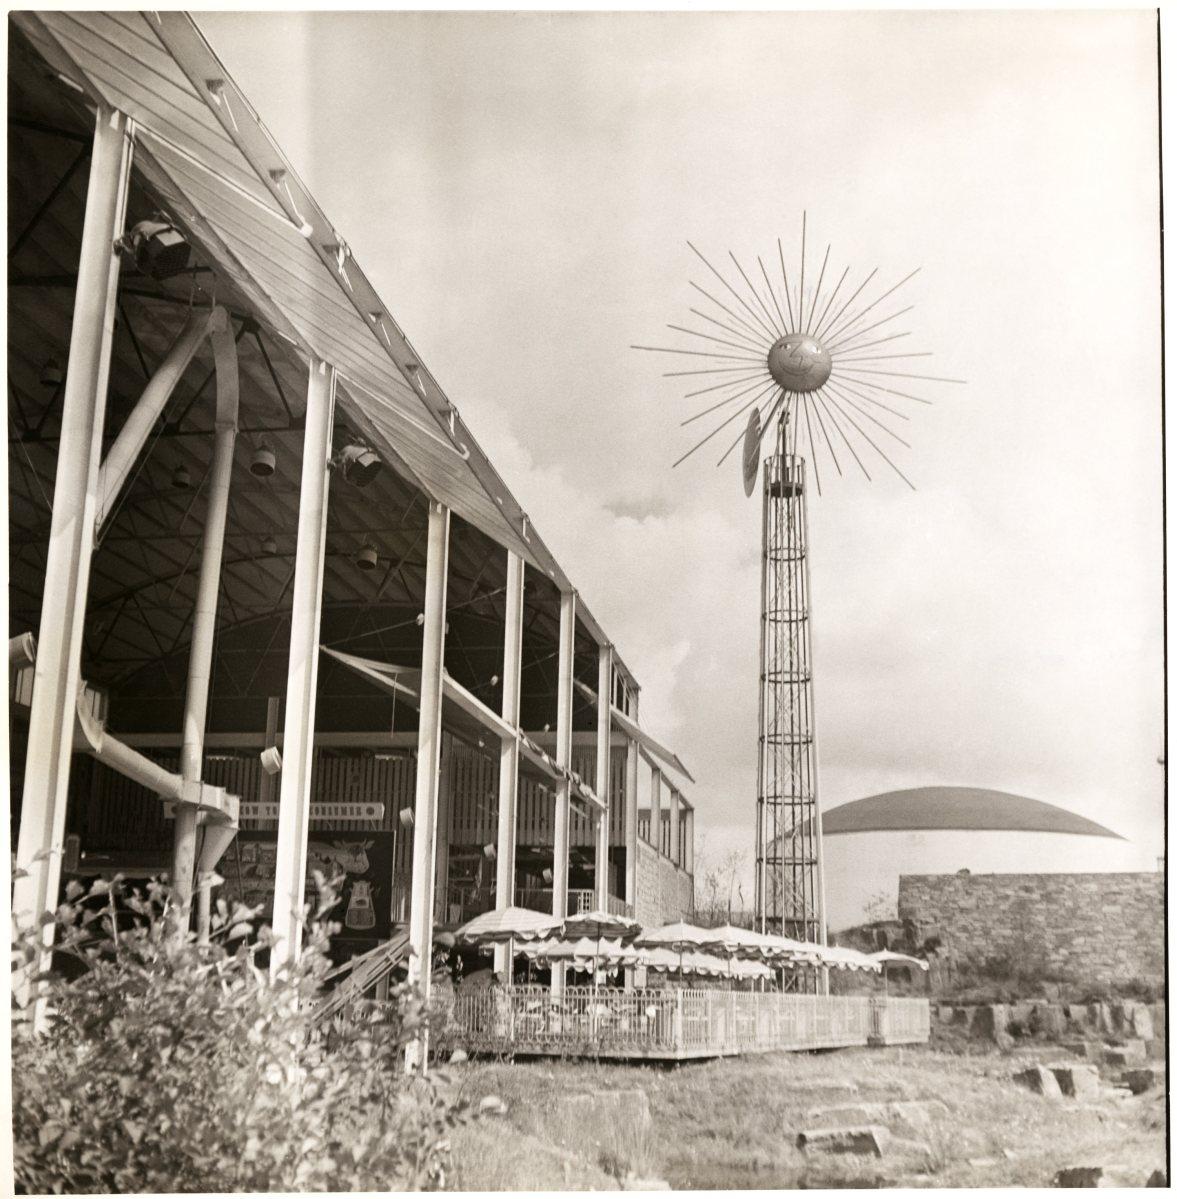 South Bank Exhibition Landscape